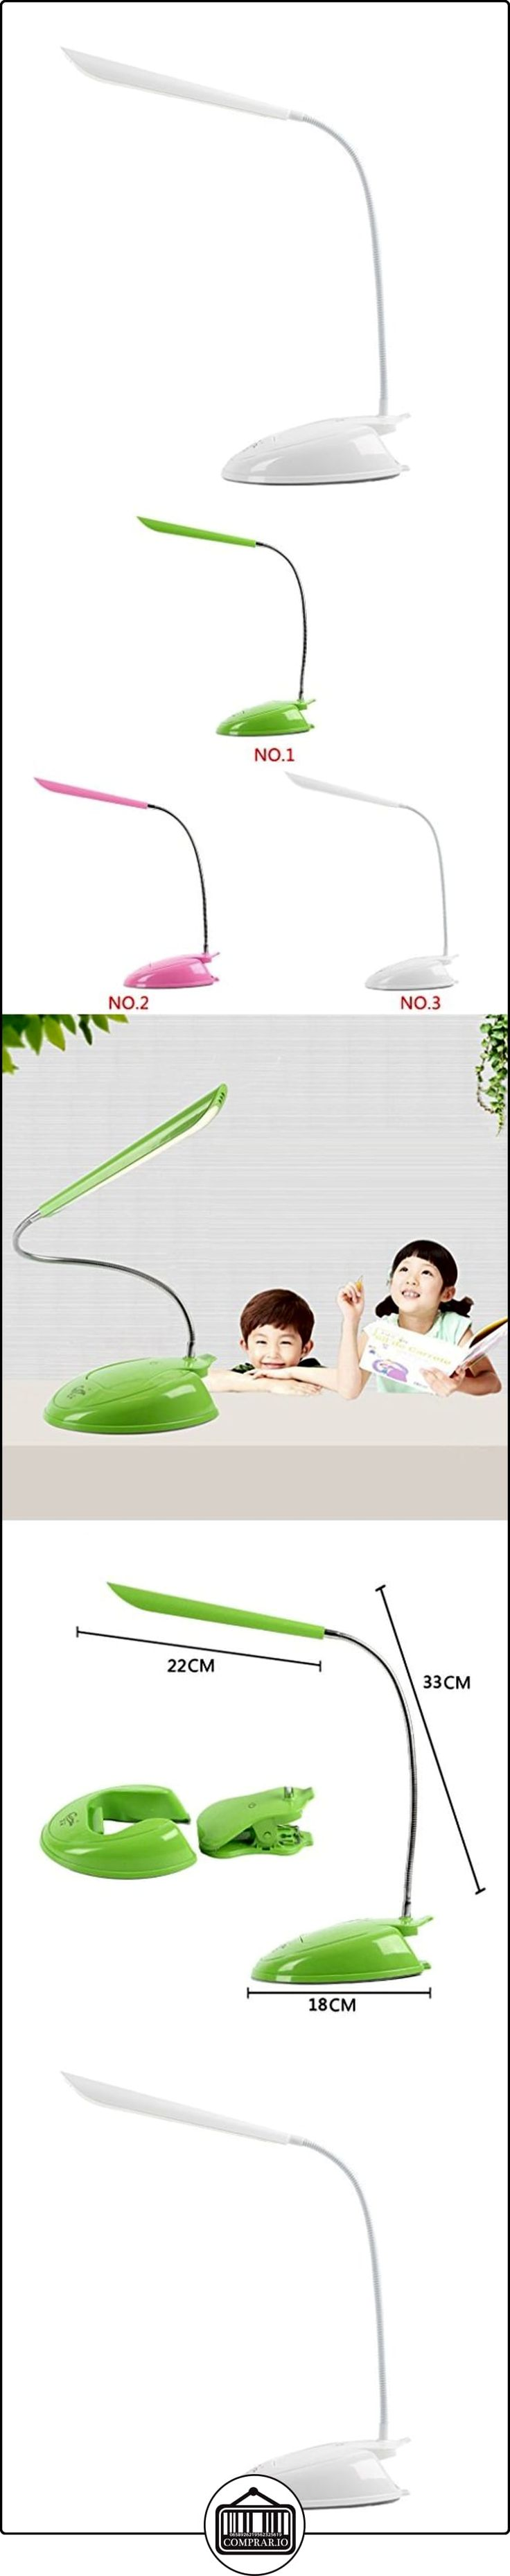 LUFA Lámpara de escritorio flexible de la luz de la noche de la luz LED Lámpara de emergencia recargable de la tabla de la emergencia  ✿ Seguridad para tu bebé - (Protege a tus hijos) ✿ ▬► Ver oferta: http://comprar.io/goto/B06XB85L5G